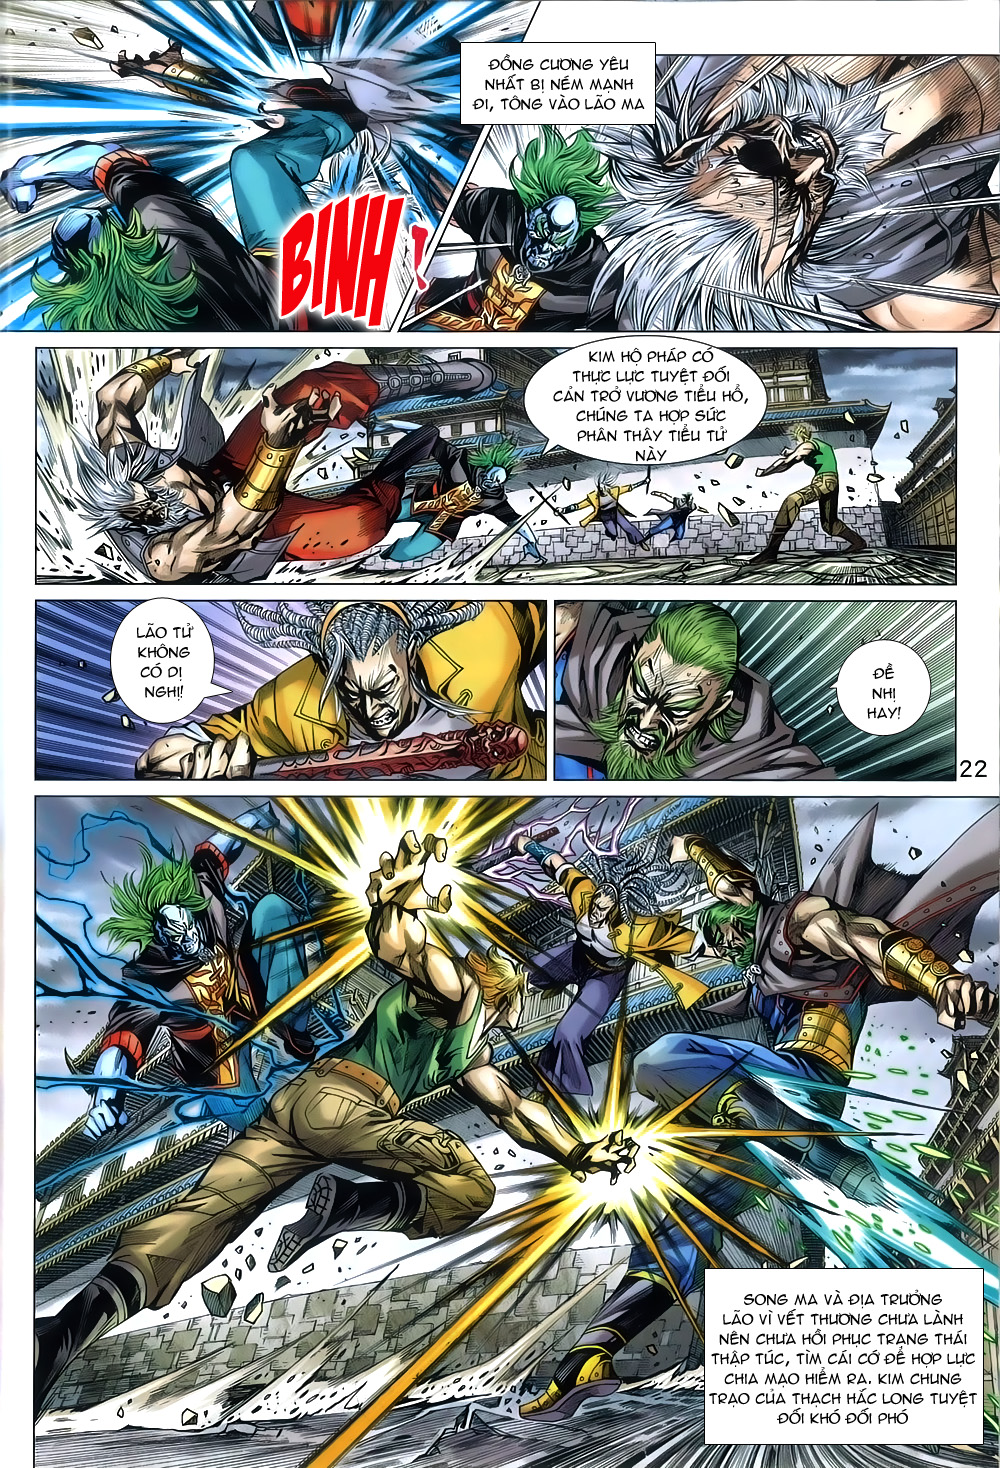 Tân Tác Long Hổ Môn chap 791 Trang 22 - Mangak.info